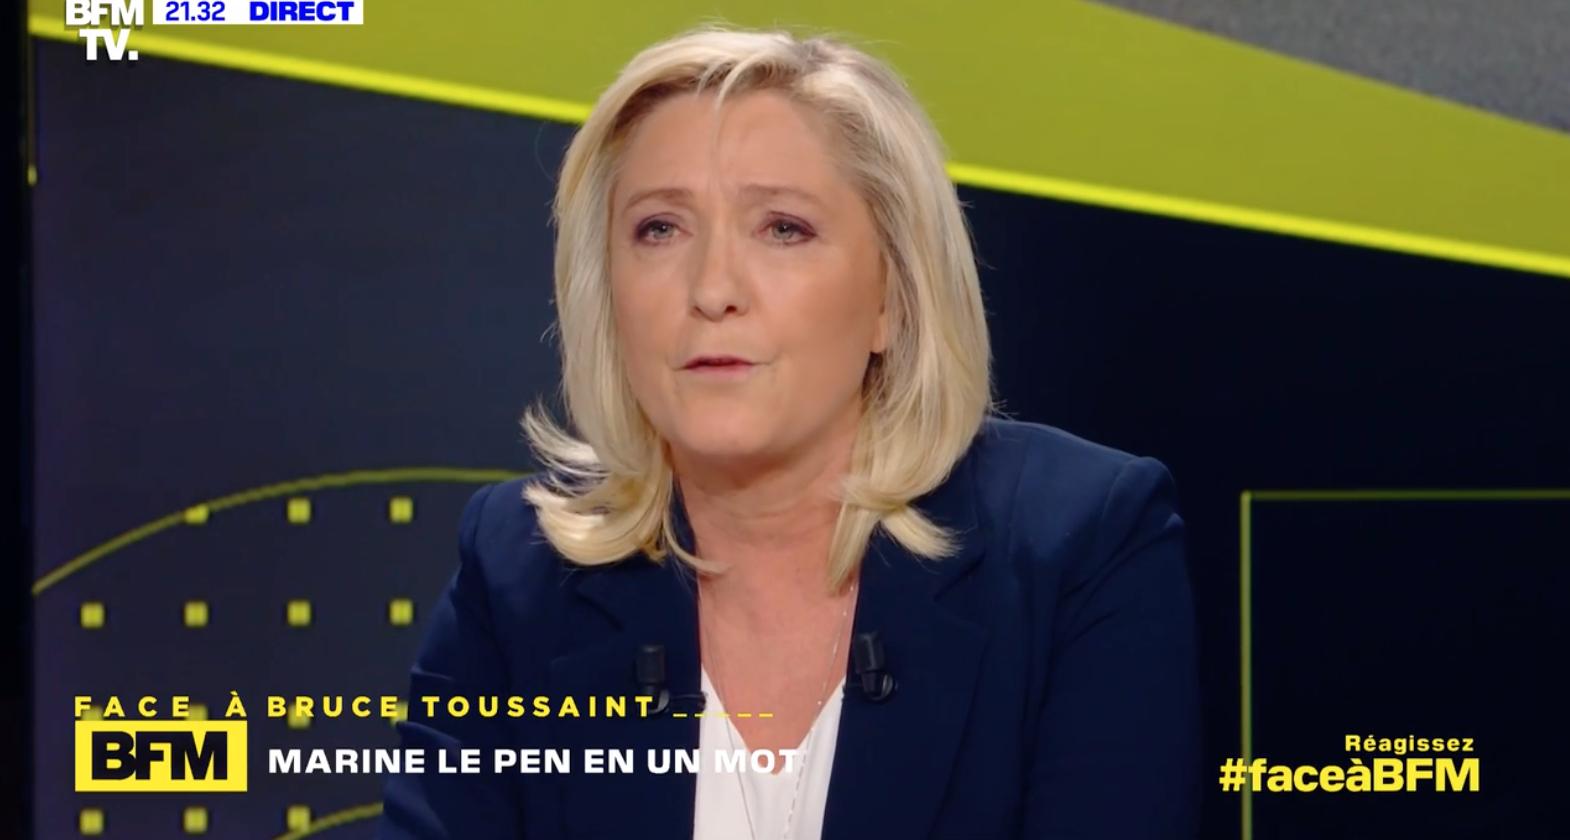 Accusée de xénophobie, Marine Le Pen évoque ses scores électoraux en Outre-mer